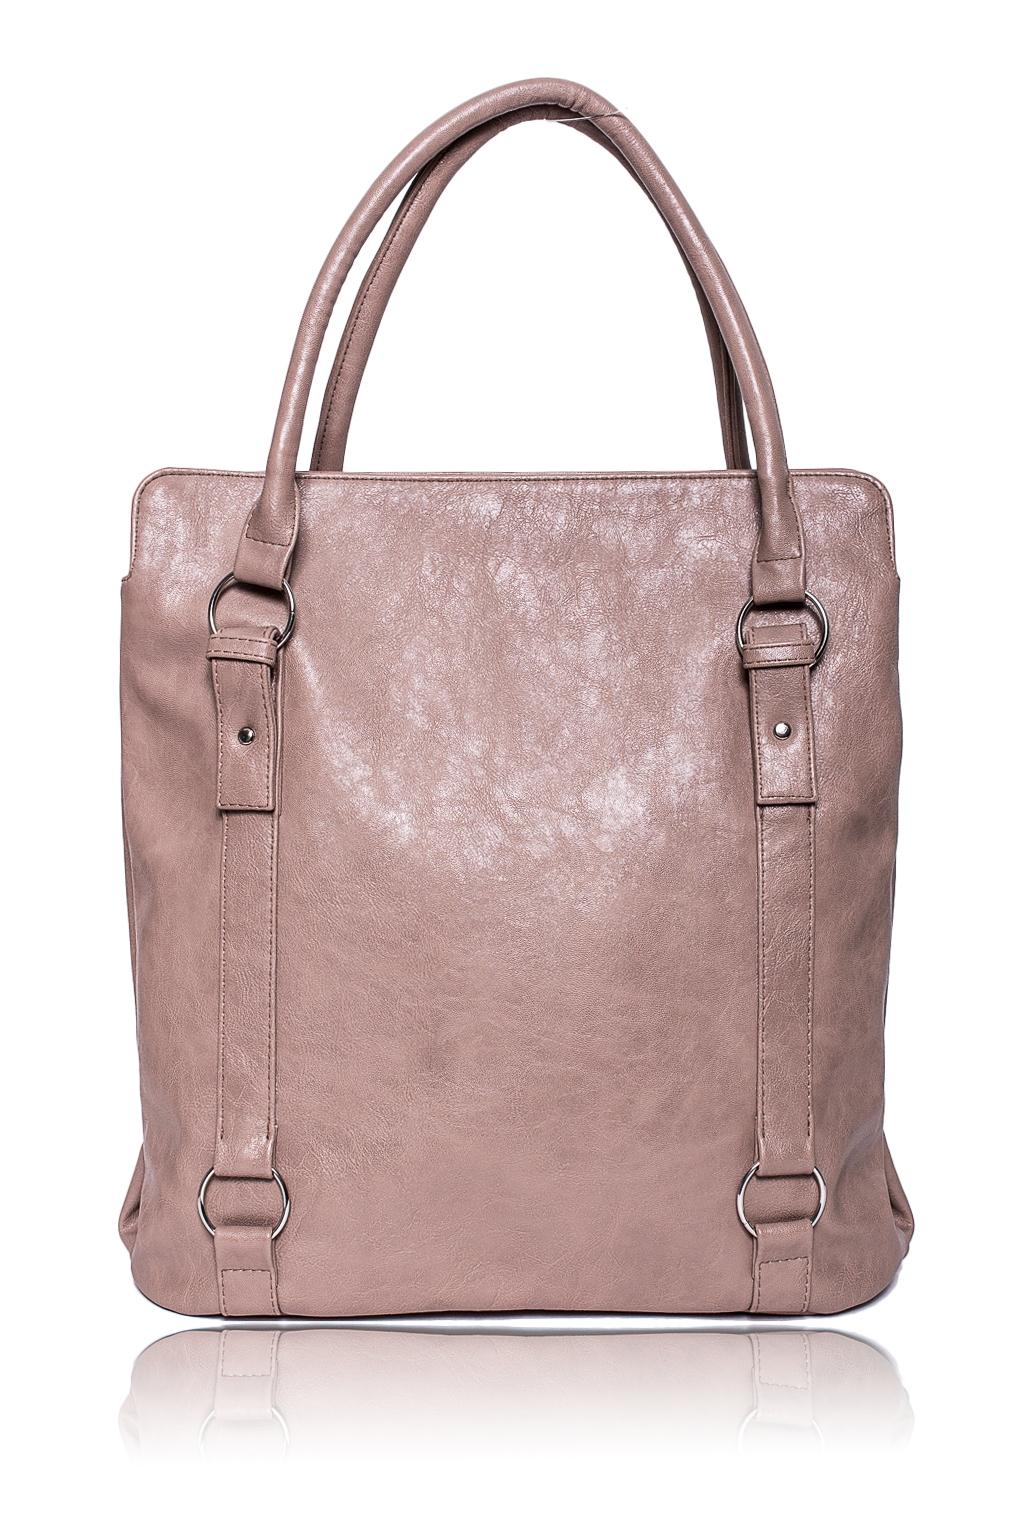 СумкаСумки-шоппинг<br>Женские сумки бренда DINESSI - это стильные аксессуары, которые по достоинству оценят представительницы прекрасного пола.  Сумка - шоппинг с застежкой на молнию, двумя короткими ручками и длинной, отстегивающейся, регулируемой лямкой. На задней части сумки карман на молнии. Внутри два отделения, два накладных кармана и карман на молнии.  Цвет: бежевый.  Размеры: Высота - 39 ± 1 см Длина - 36 ± 1 см Ширина - 11,5 ± 1 см Длина ручек - 56,5 ± 1 см<br><br>Отделения: 2 отделения<br>По материалу: Искусственная кожа<br>По размеру: Крупные<br>По рисунку: Однотонные<br>По способу ношения: В руках,На плечо<br>По степени жесткости: Мягкие<br>По типу застежки: С застежкой молнией<br>По элементам: Карман на молнии,Карман под телефон,С ремнями<br>Ручки: Длинные,Короткие<br>По форме: Прямоугольные<br>Размер : UNI<br>Материал: Искусственная кожа<br>Количество в наличии: 1